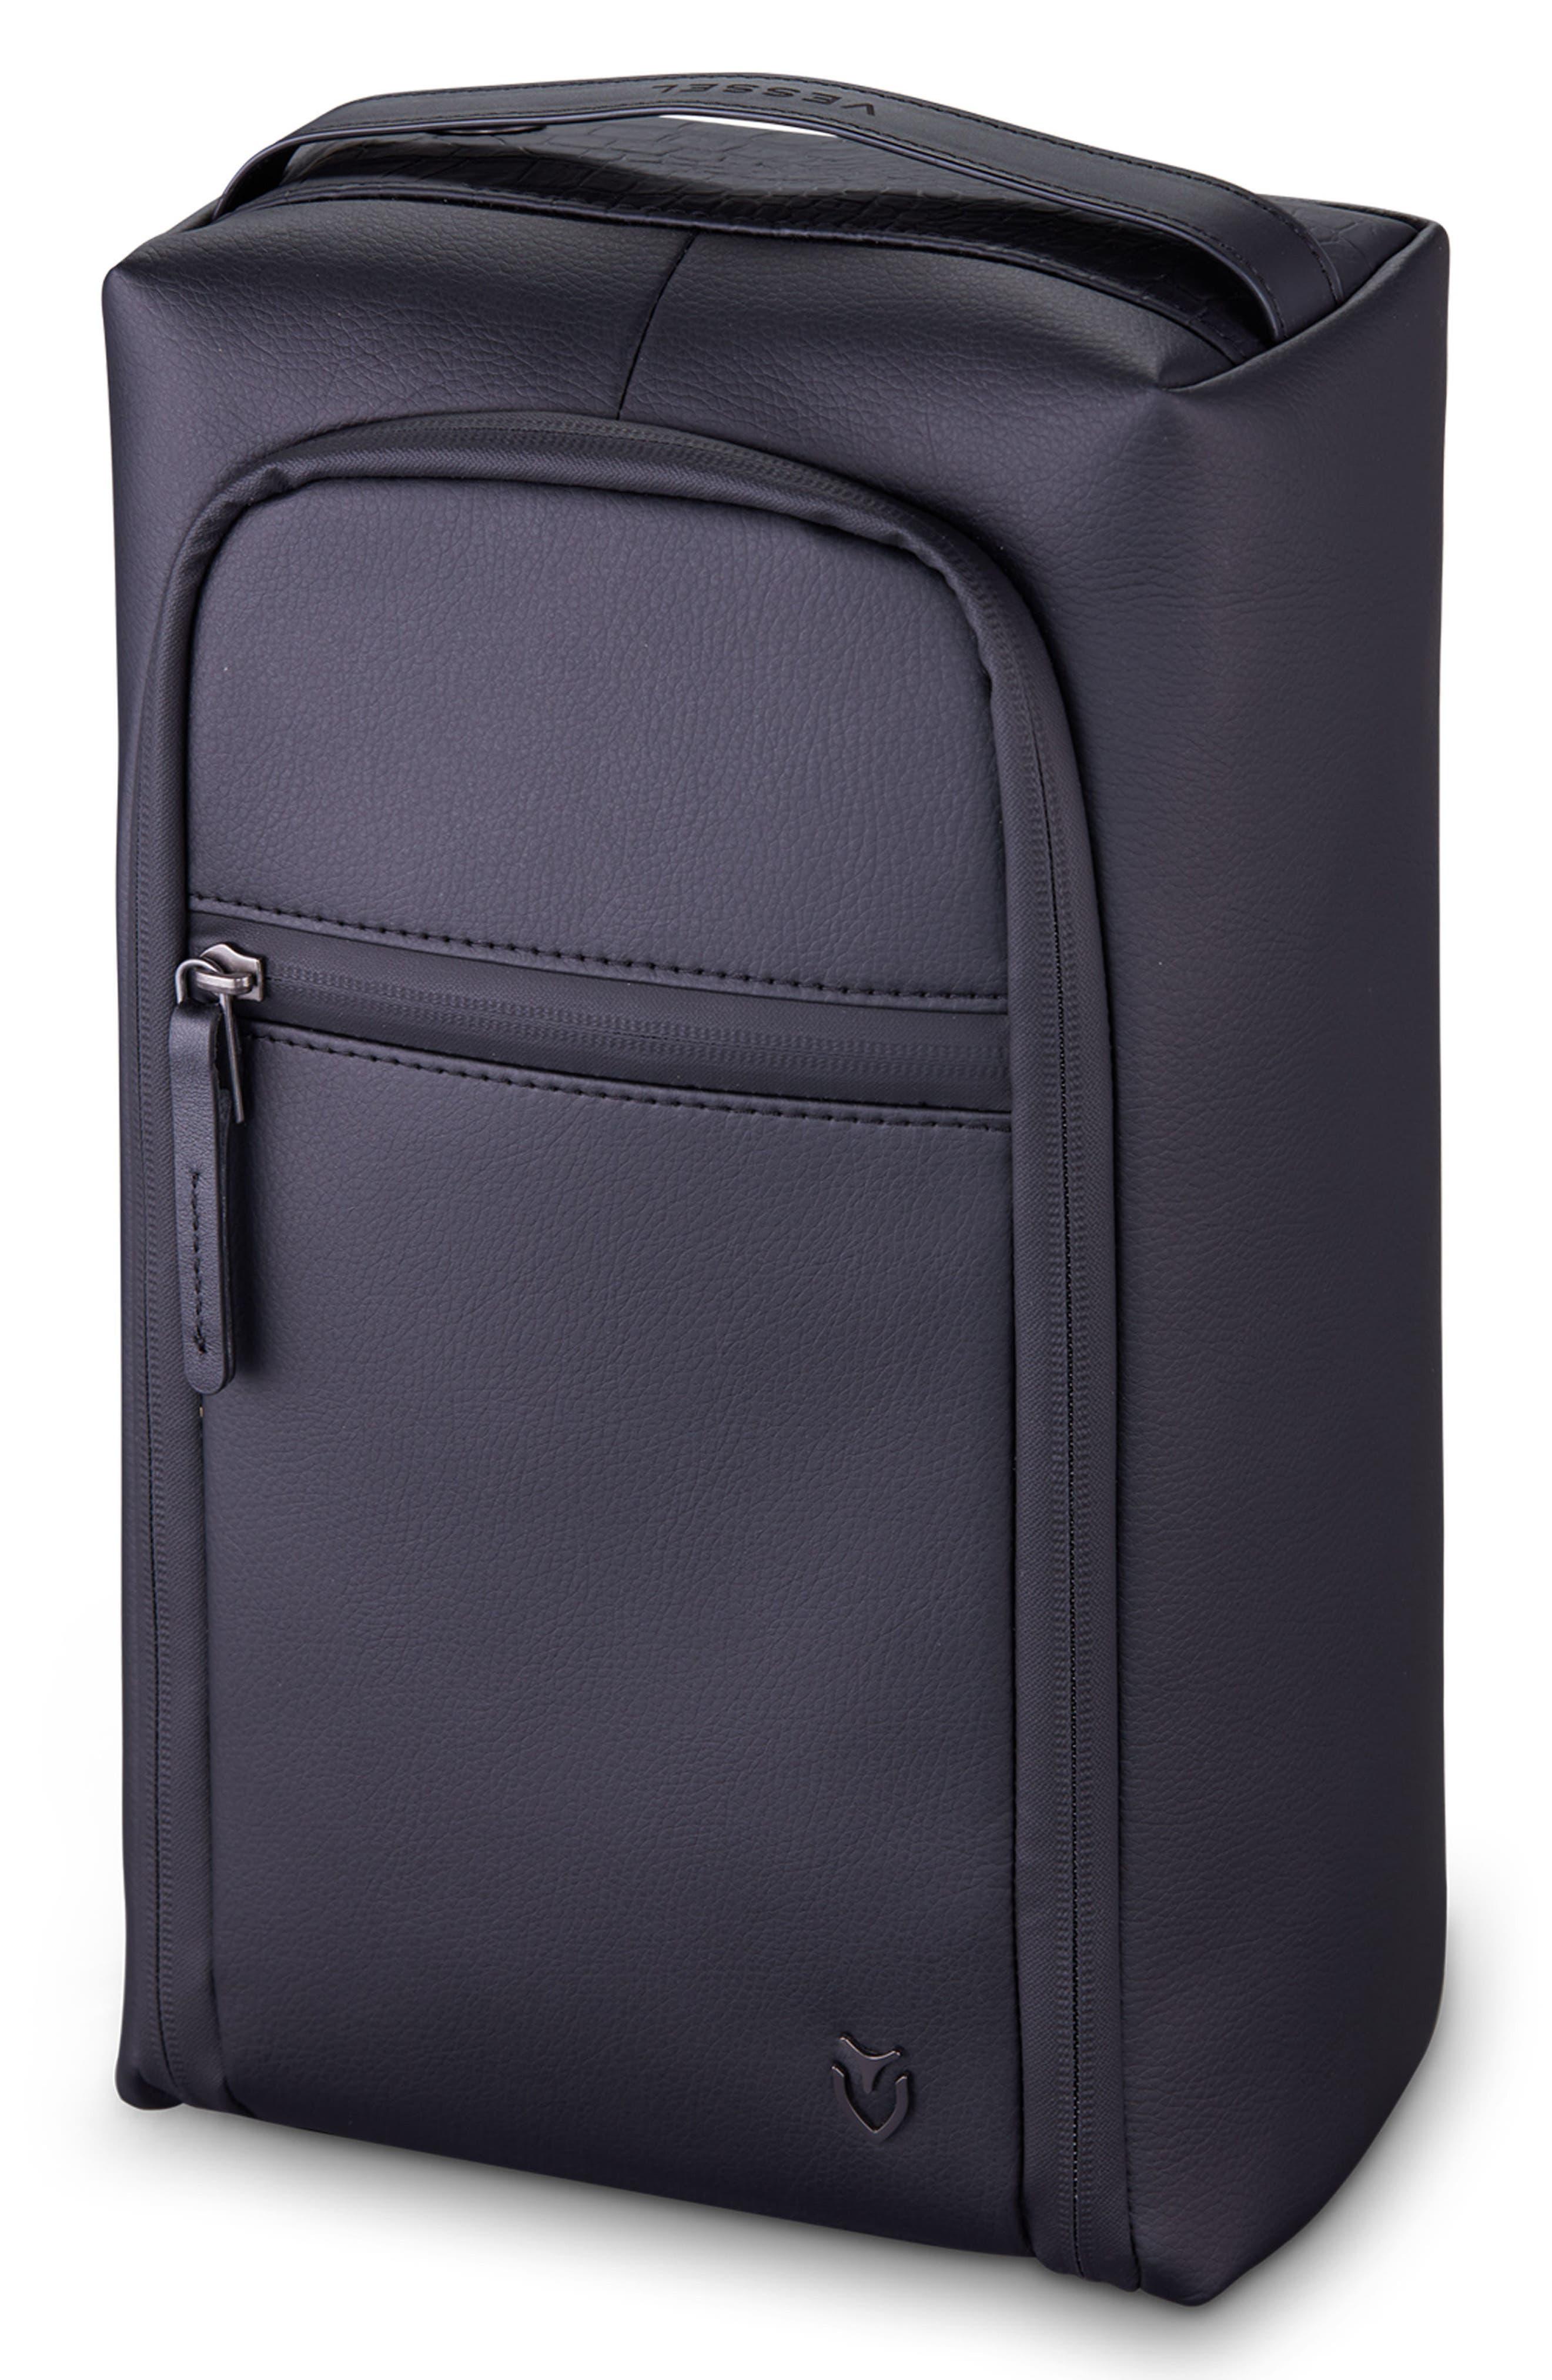 Signature 2.0 Faux Leather Shoe Bag,                         Main,                         color, PEBBLED/ CROC BLACK